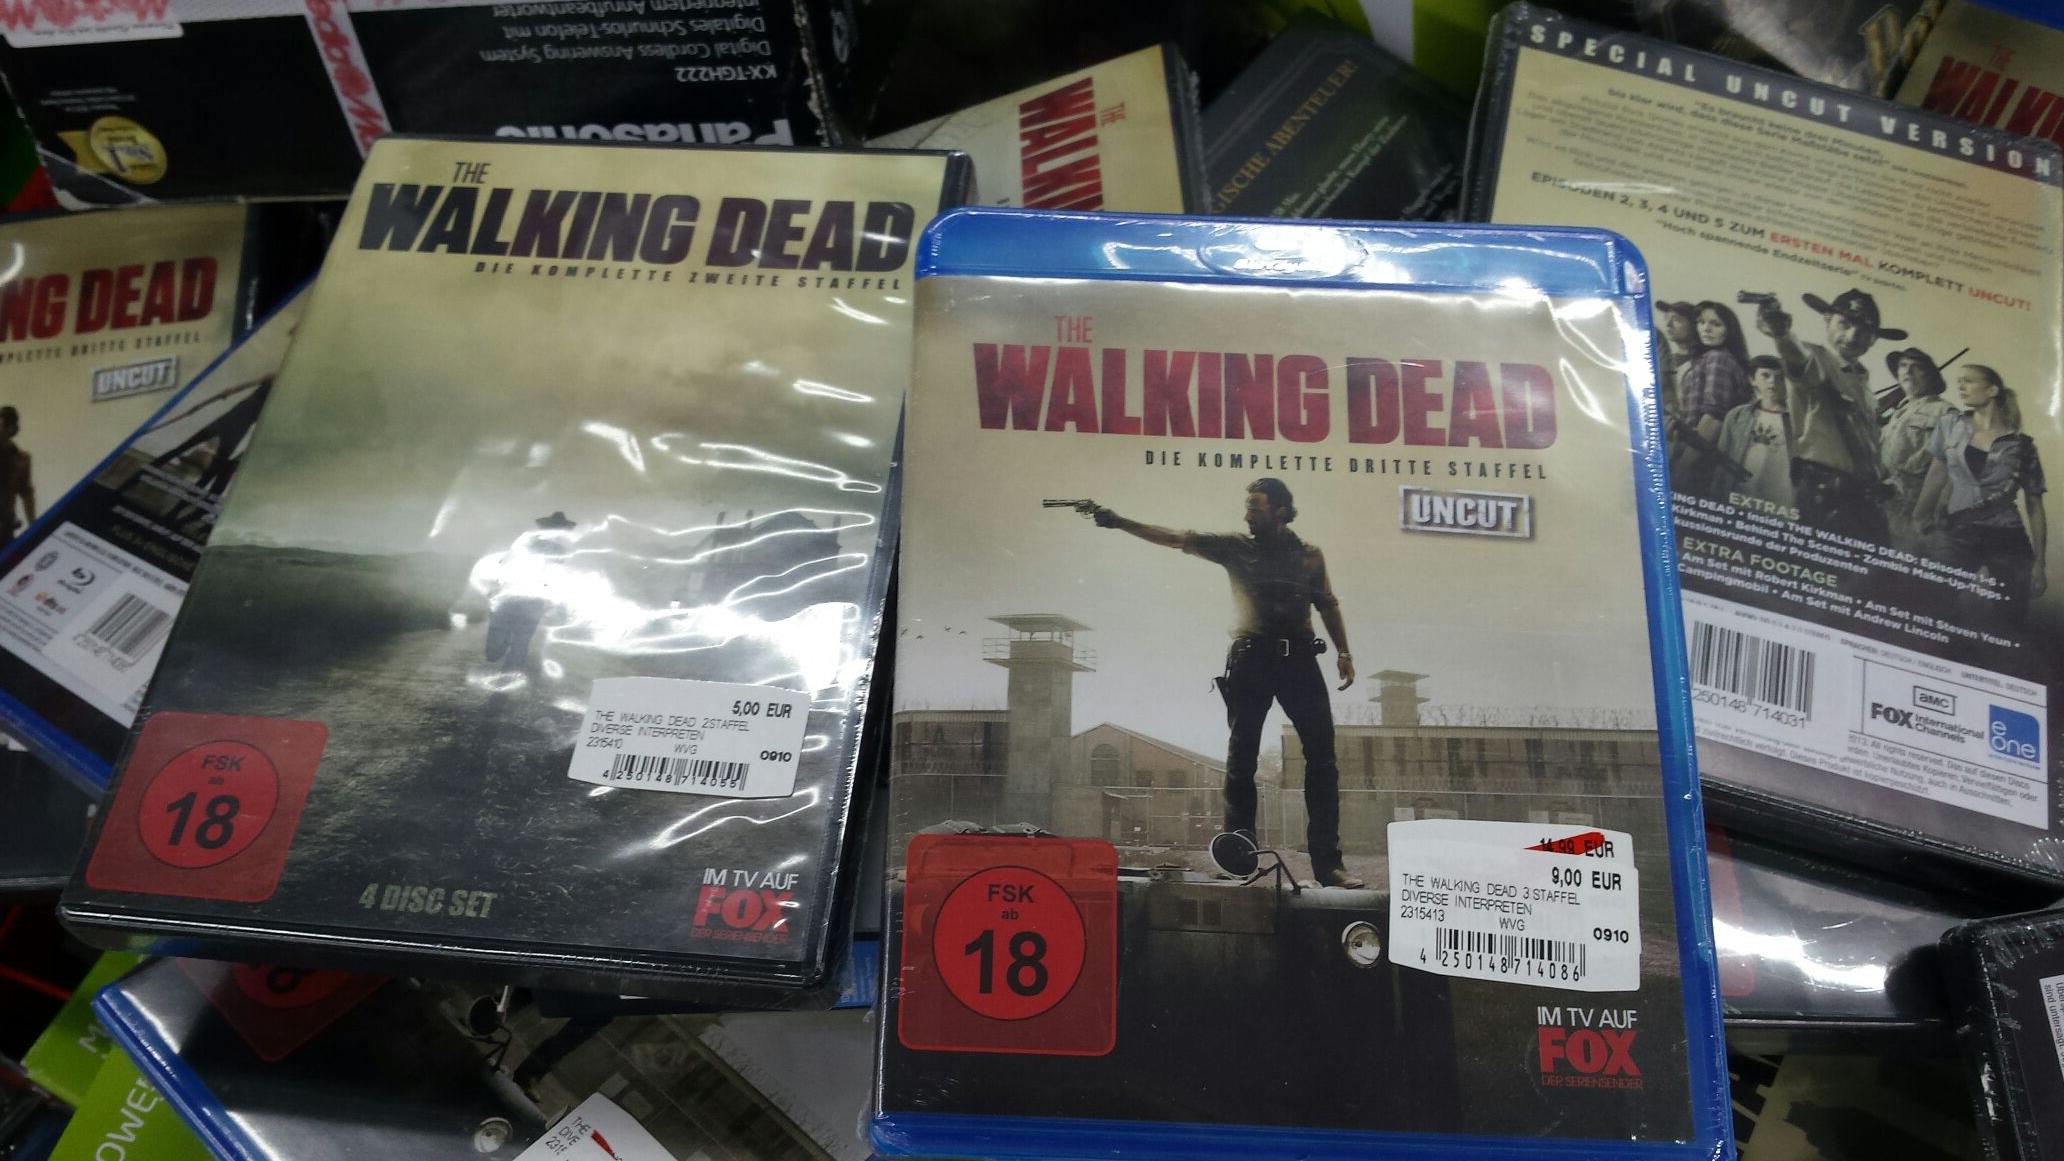 (LOKAL) The Walking dead staffeln MM Bielefeld dvd 5 bd 9 Euro.